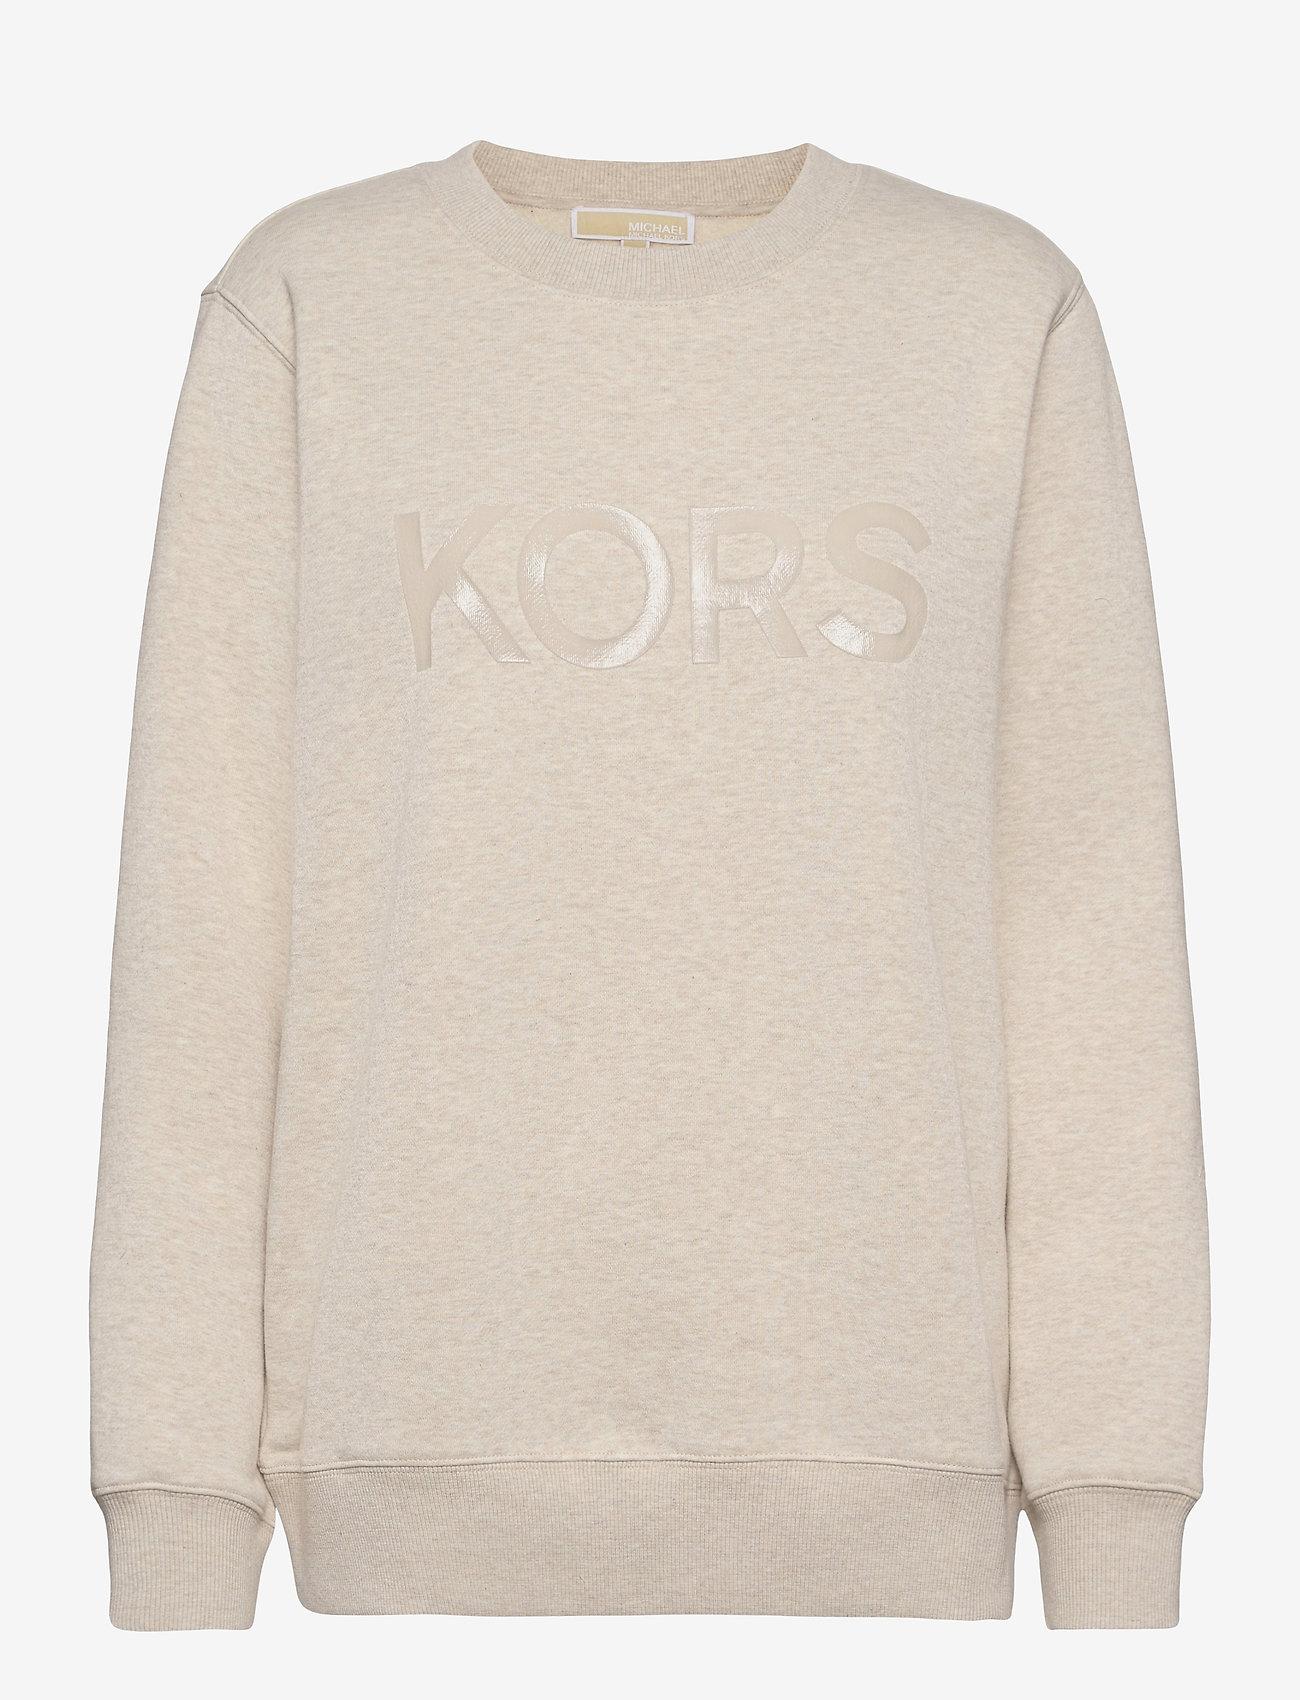 Michael Kors - UNISEX TONAL SWEATSHIRT - sweatshirts en hoodies - dune heather - 0